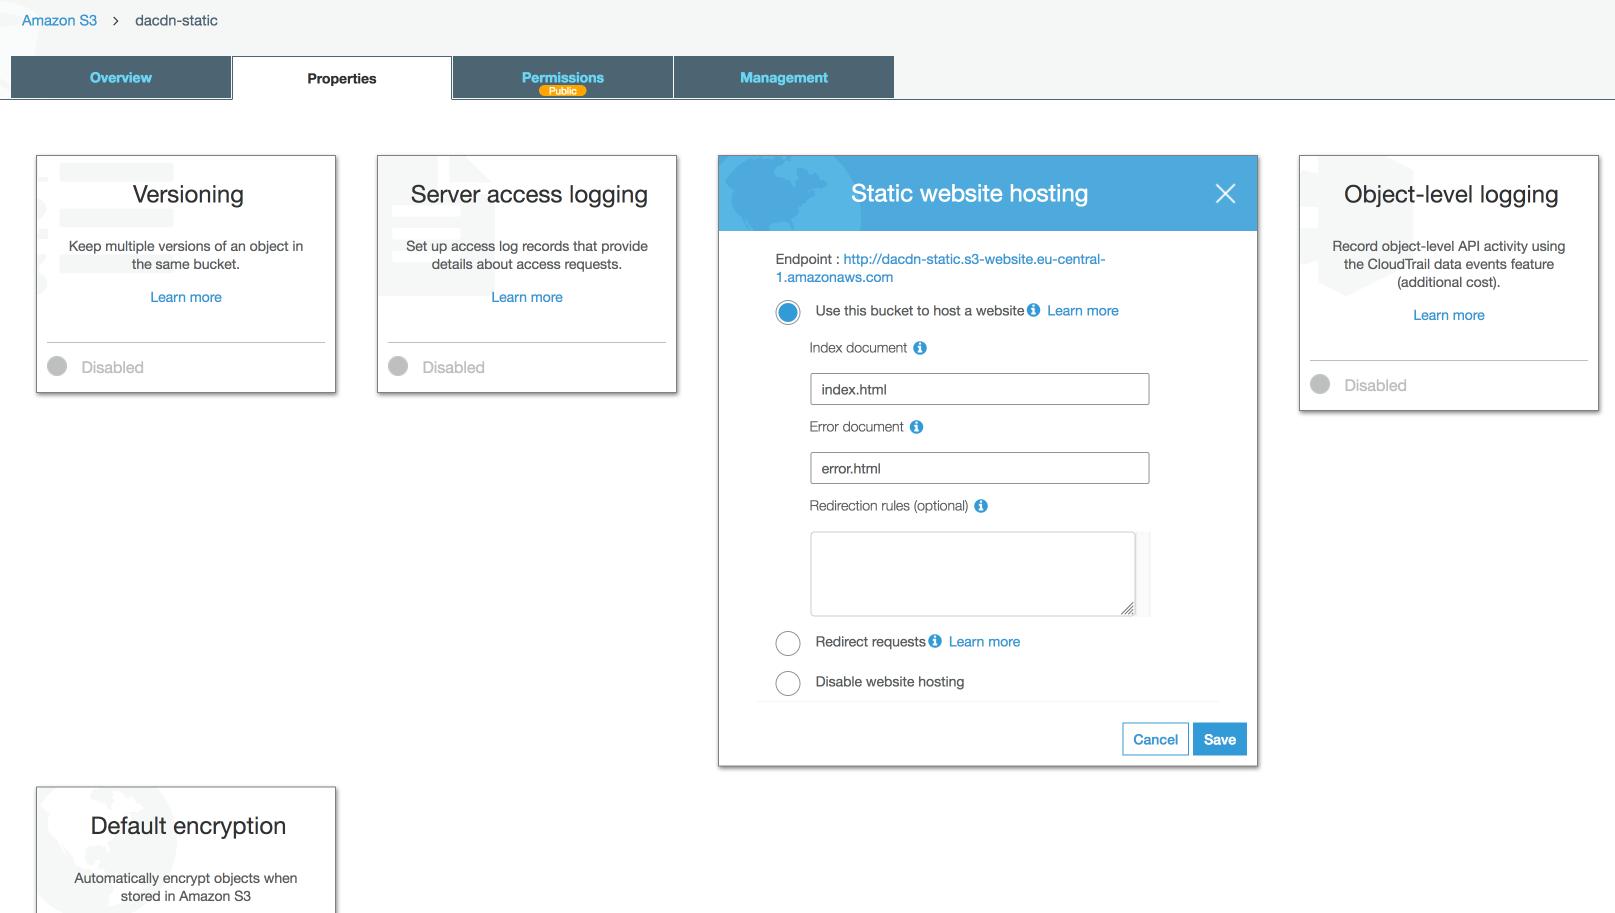 Enabling static website hosting